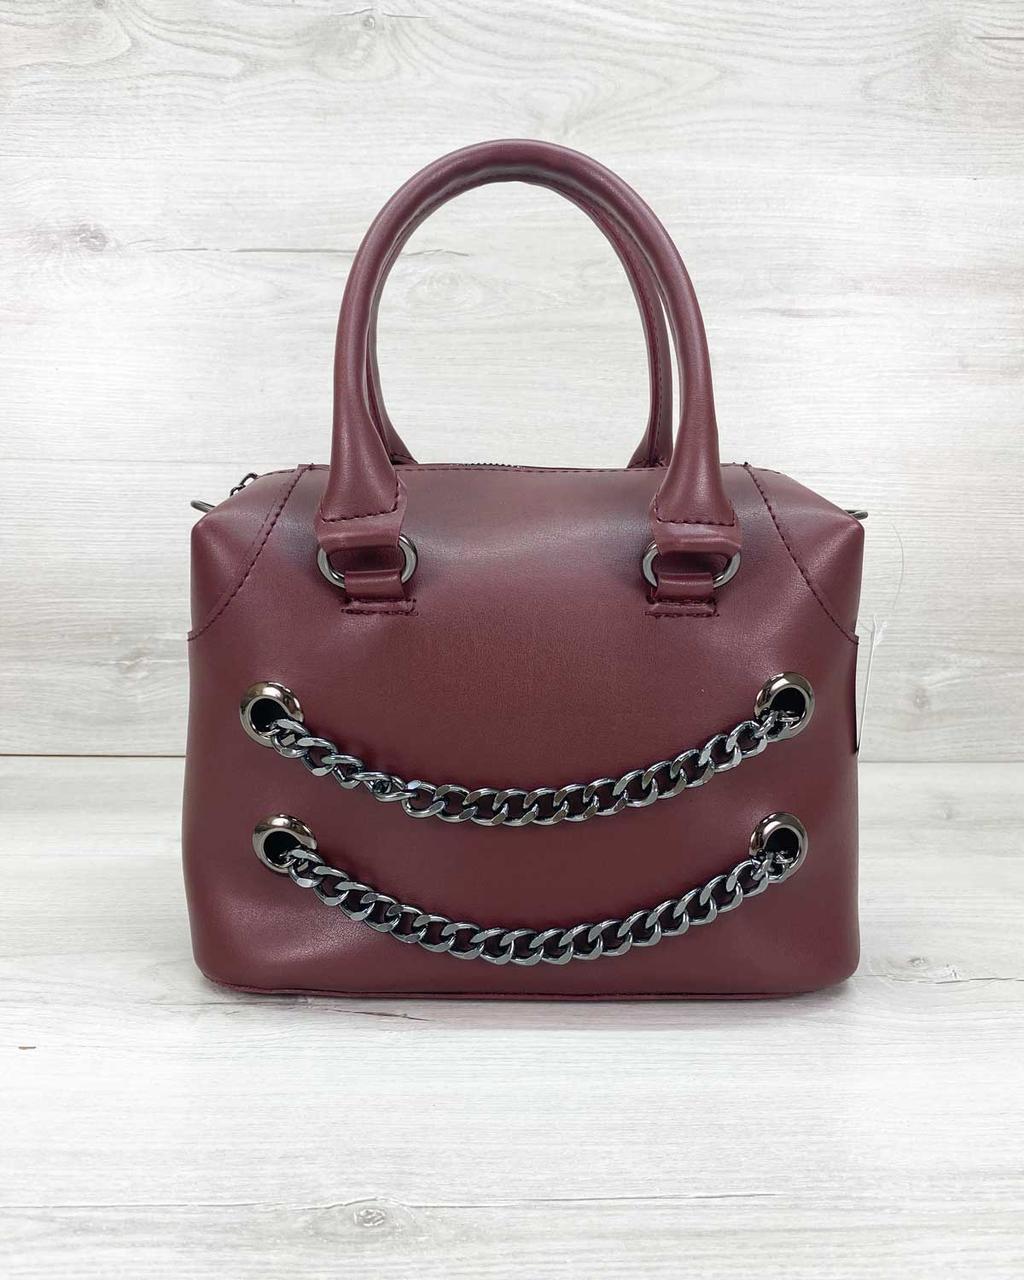 Молодежная женская сумка стильная «Jean» бордовая, женская модная сумка среднего размера кожзам